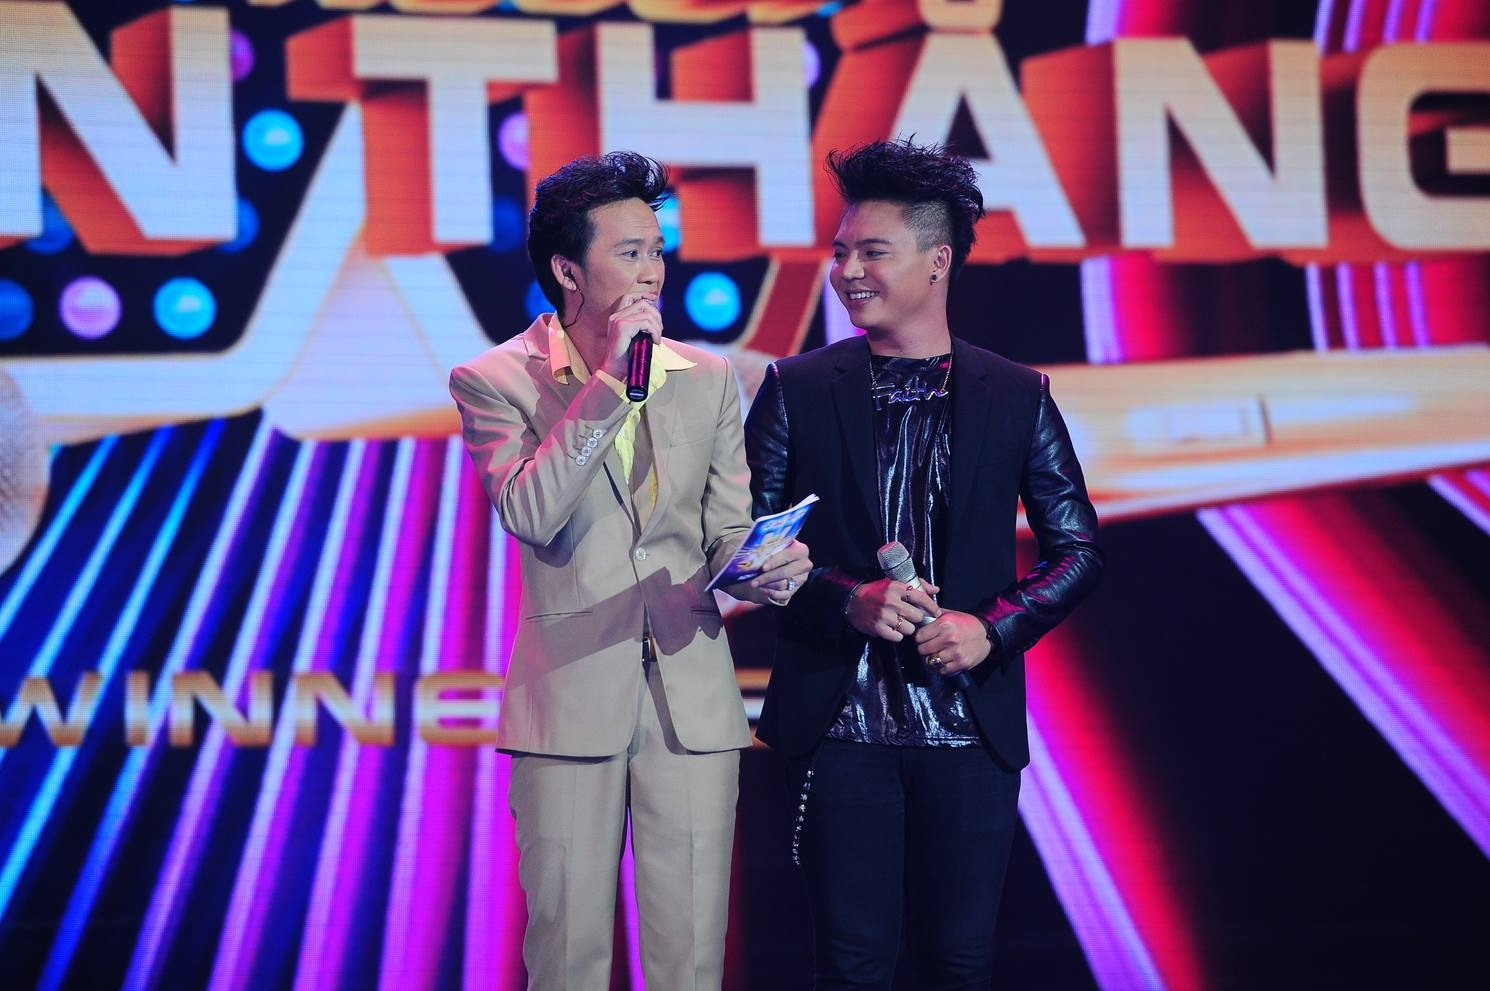 Về trường hợp của Xuân Lân, Thanh Bùi khá ngạc nhiên vì phần thể hiện của ca sỹ này được anh đánh giá khá cao song 100 vị giám khảo còn lại lại có những nhận định khác.